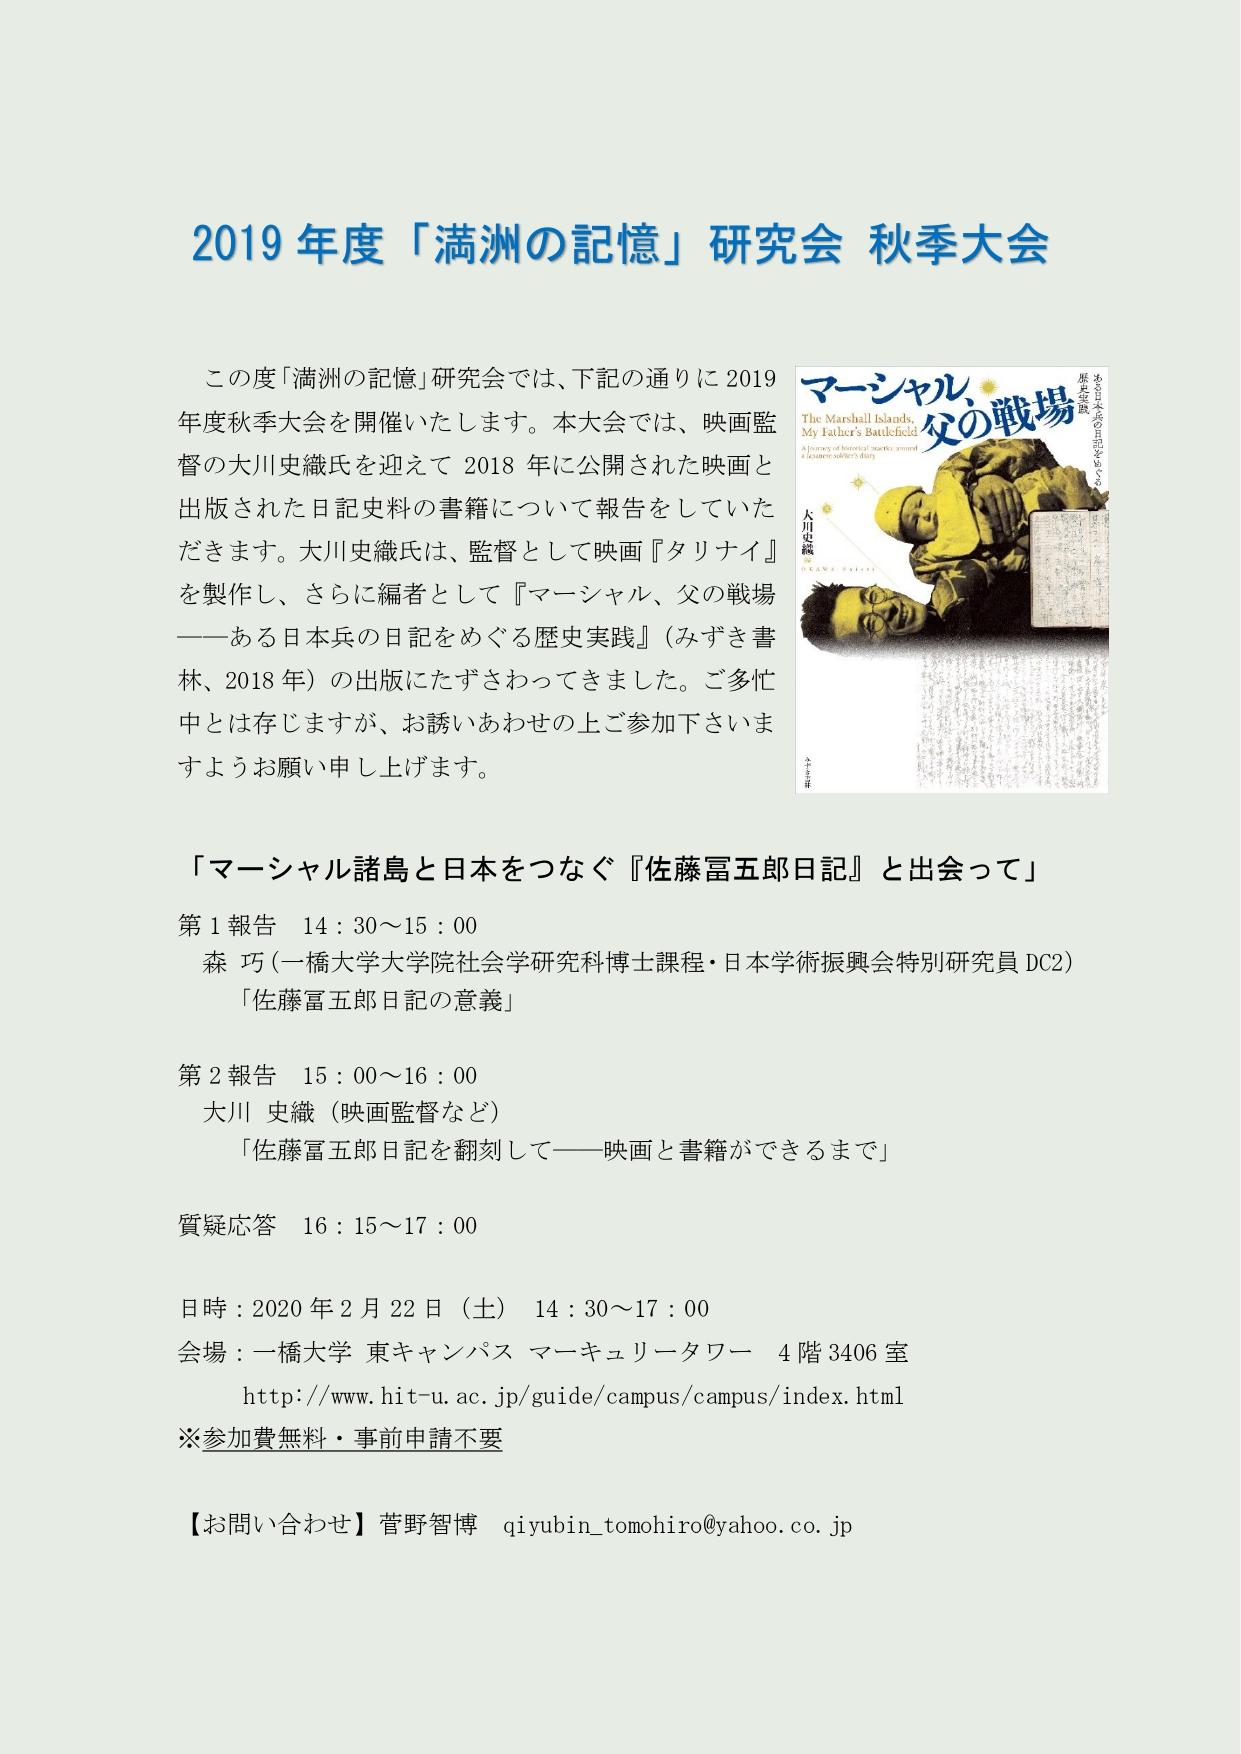 2019年度満洲の記憶研究会秋季大会プログラム_page-0001